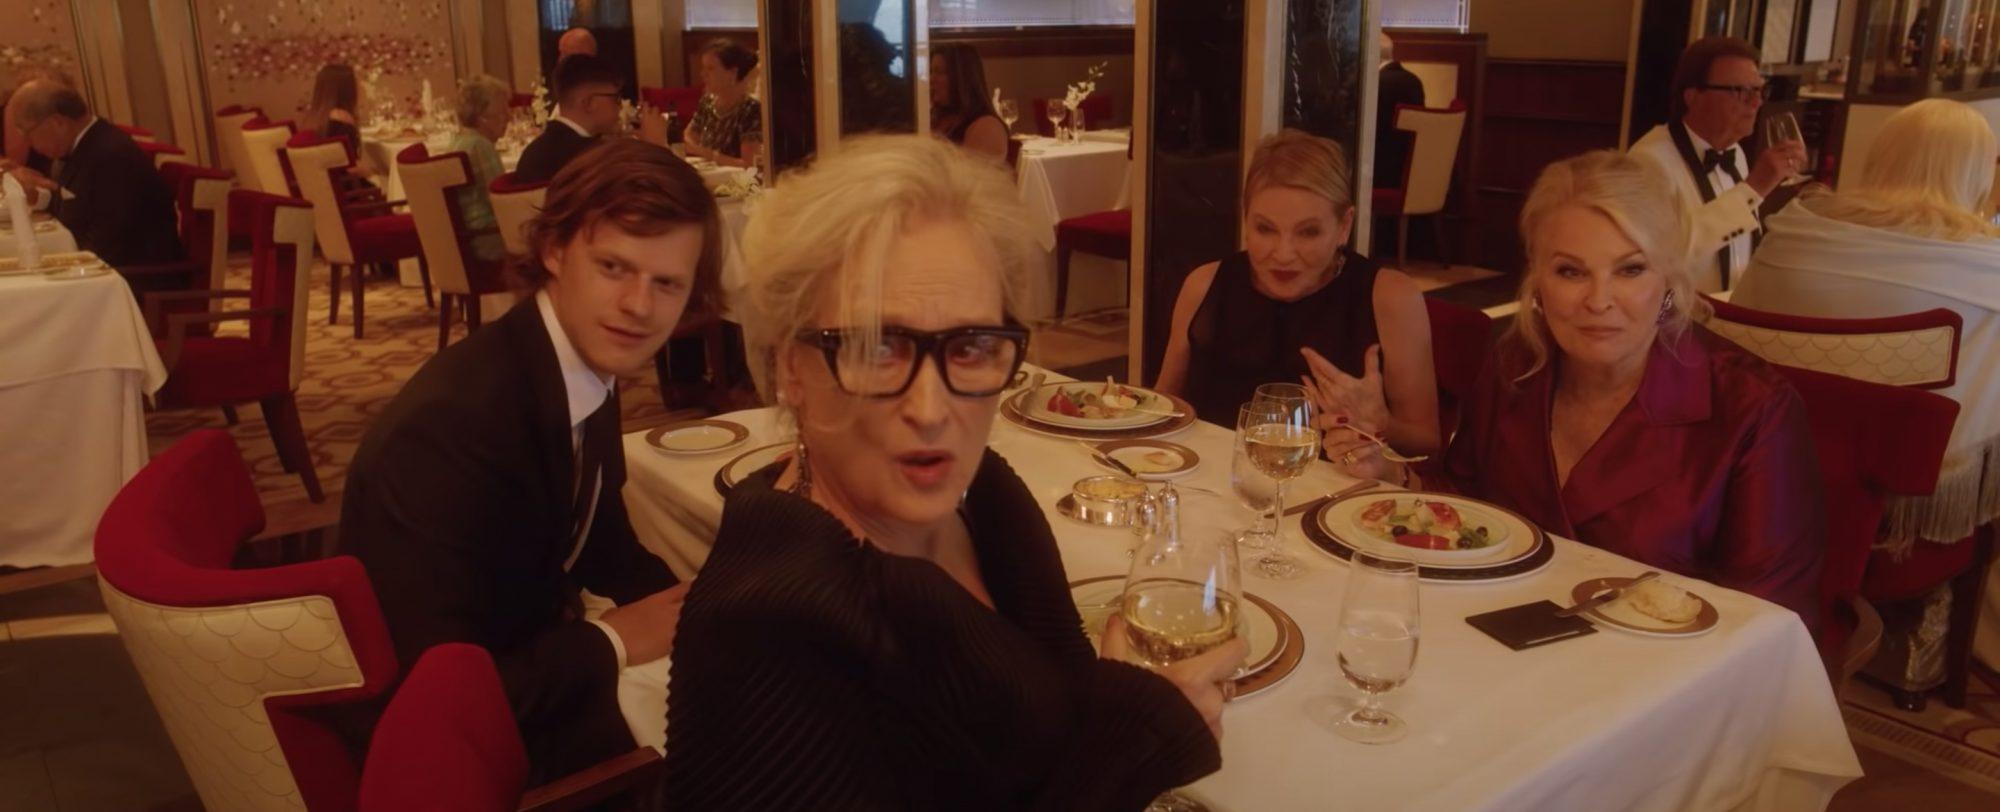 Let them all talk : le prochain film de Steven Soderbergh dévoile sa première bande-annonce